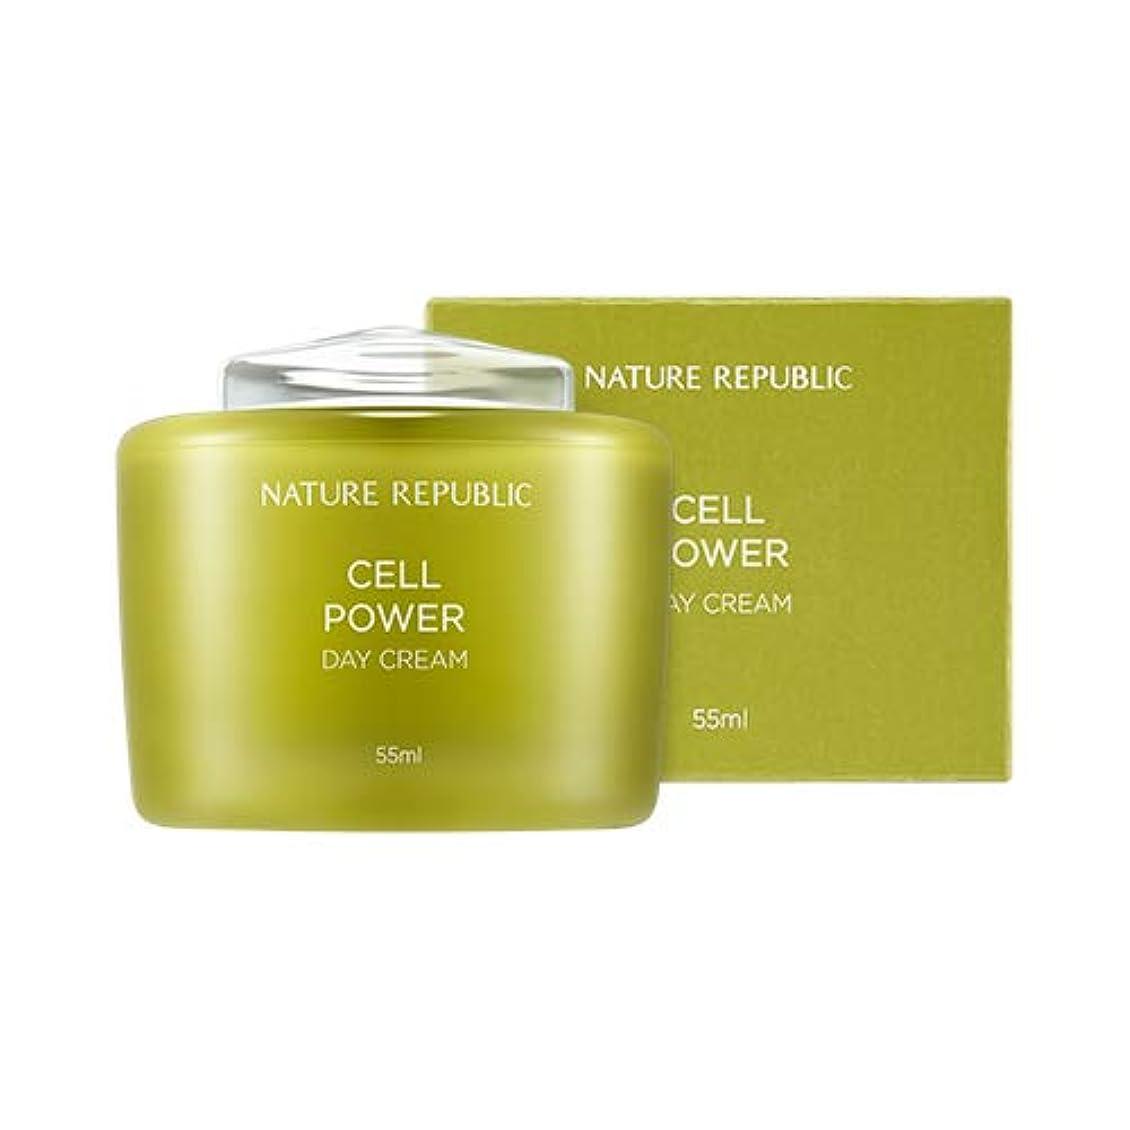 ペストリー予算誇大妄想NATURE REPUBLIC Cell Power Day Cream/ネイチャーリパブリック セルパワー デイクリーム 55ml [並行輸入品]